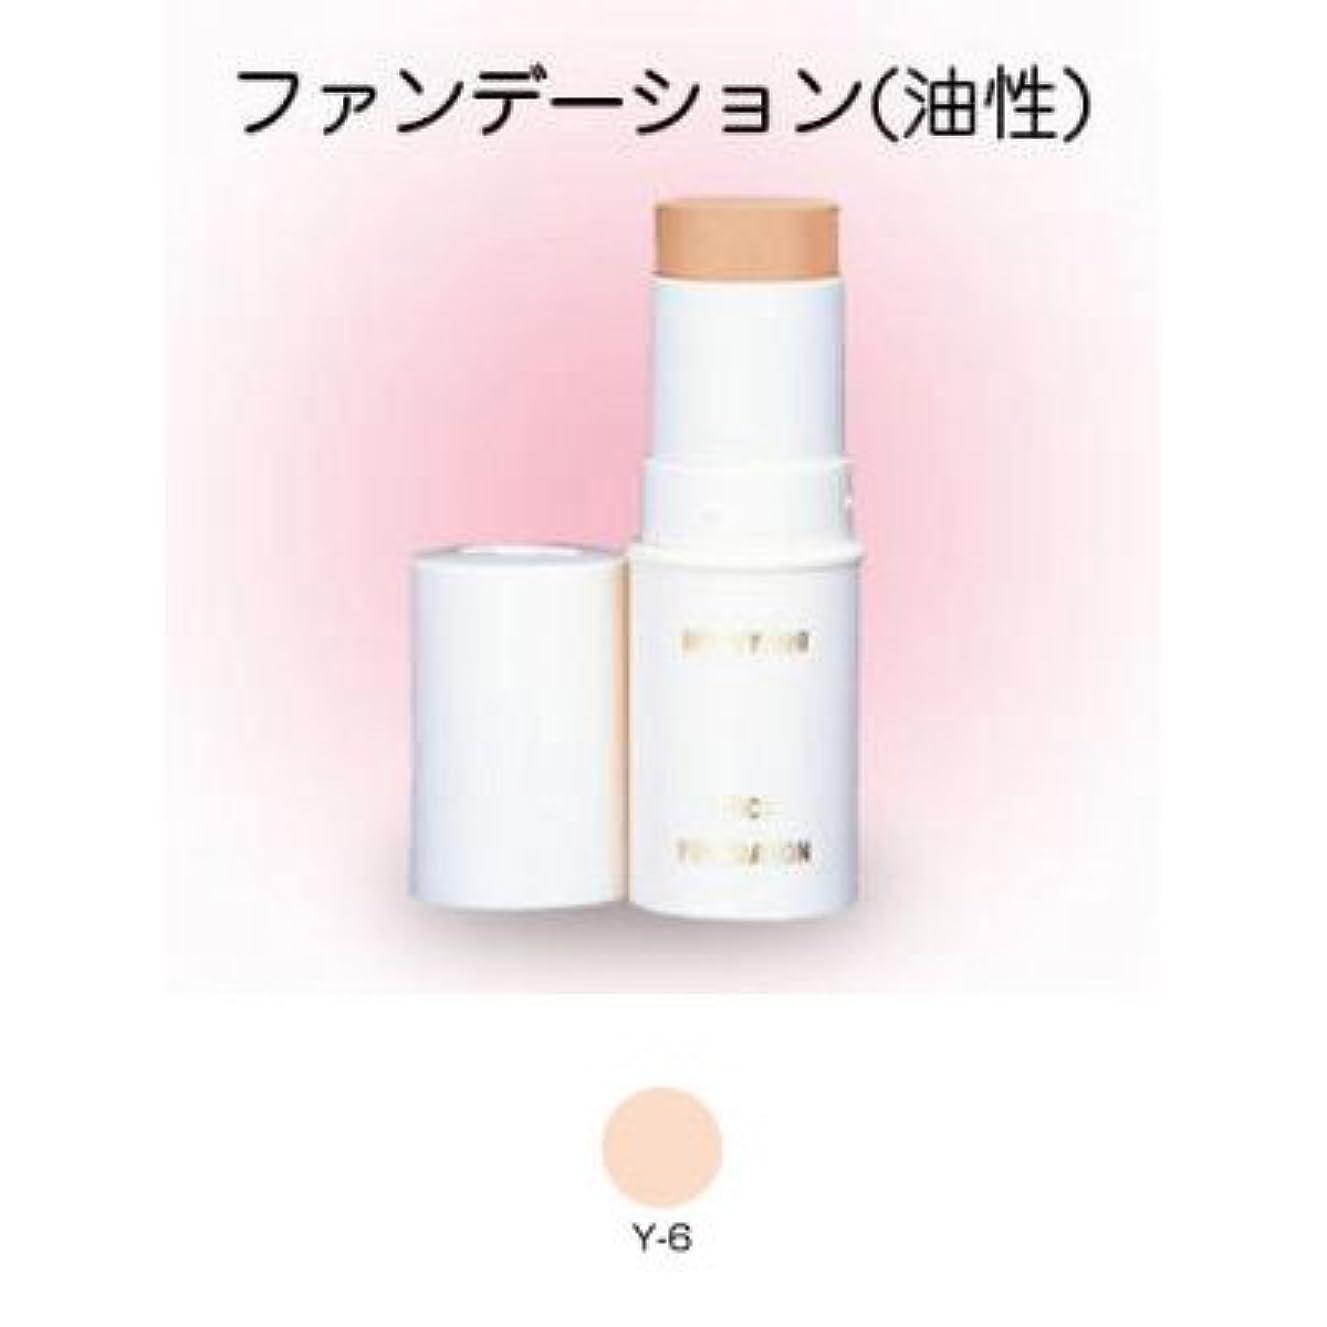 ブランド寛容画面スティックファンデーション 16g Y-6 【三善】